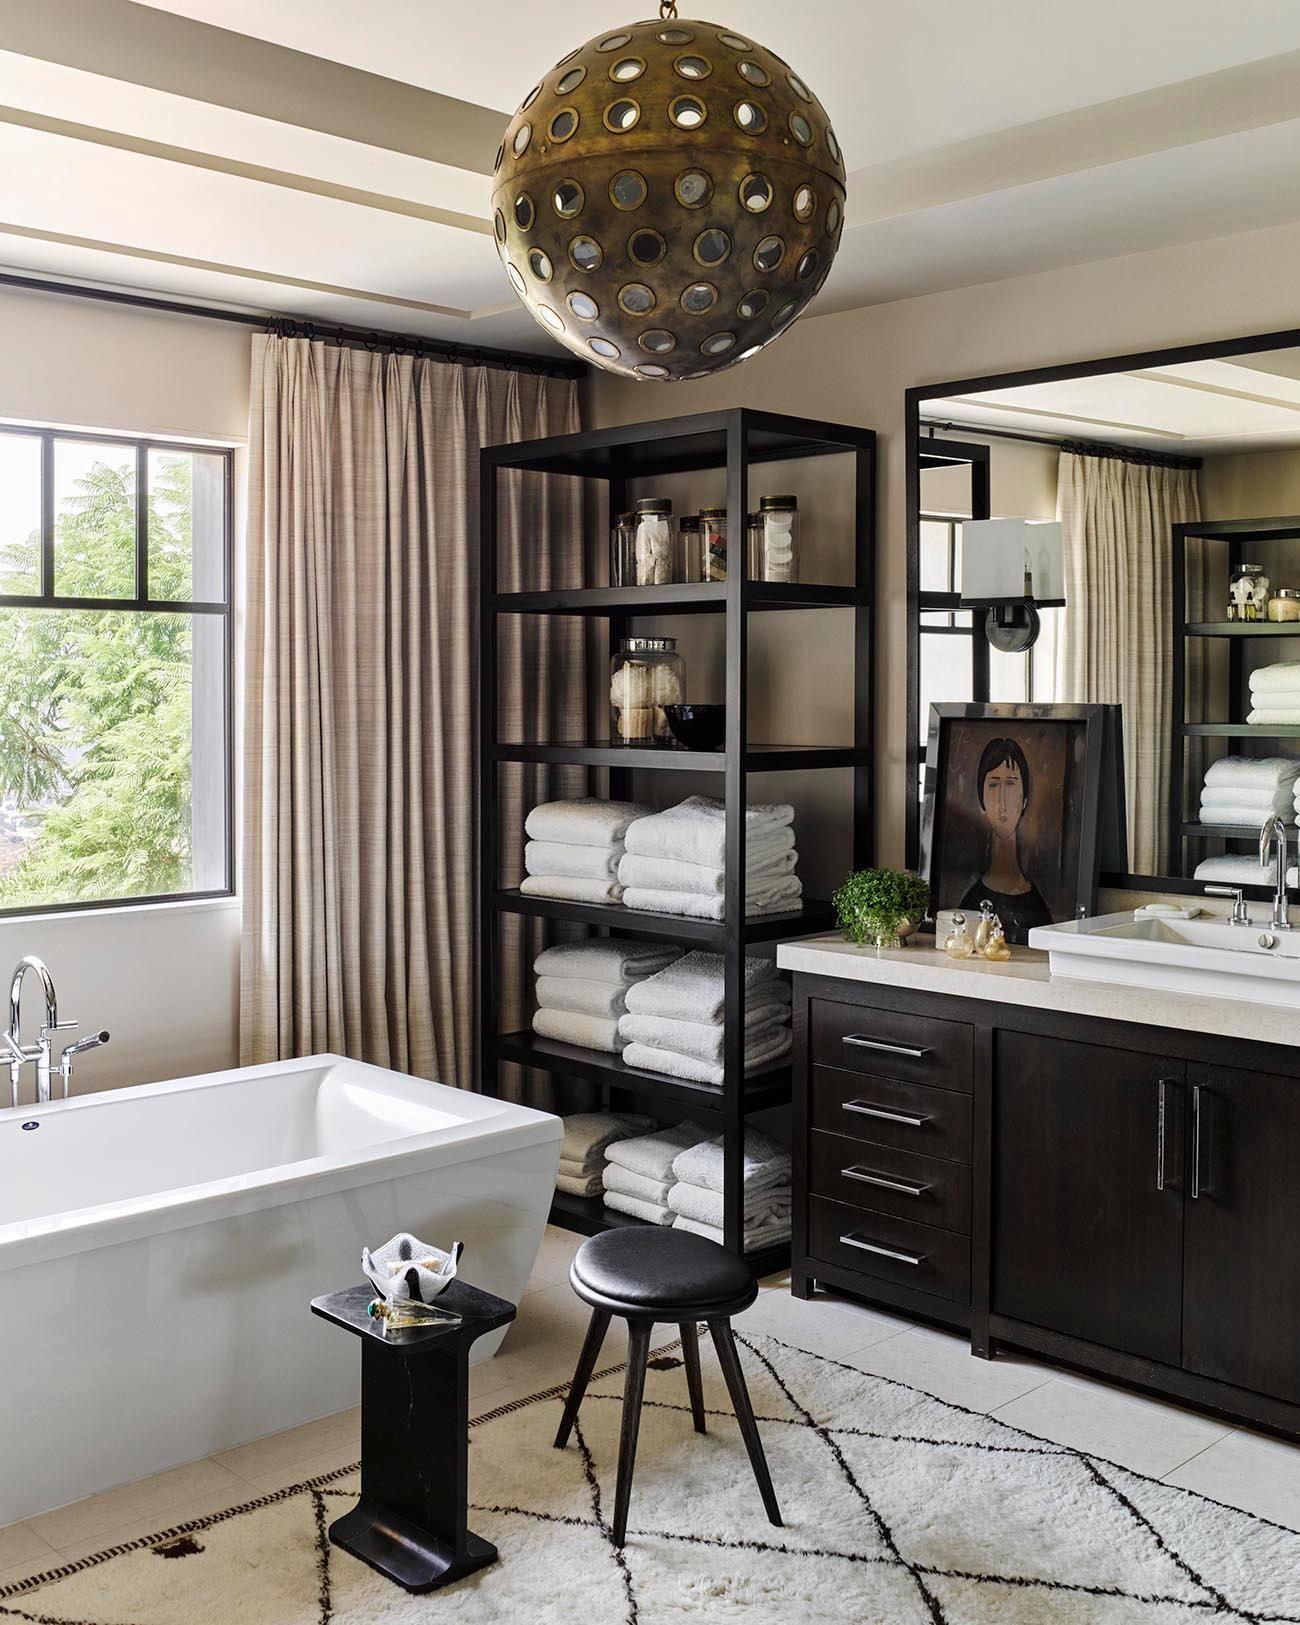 kourtney kardashian kitchen tiles - Google Search | Home ...